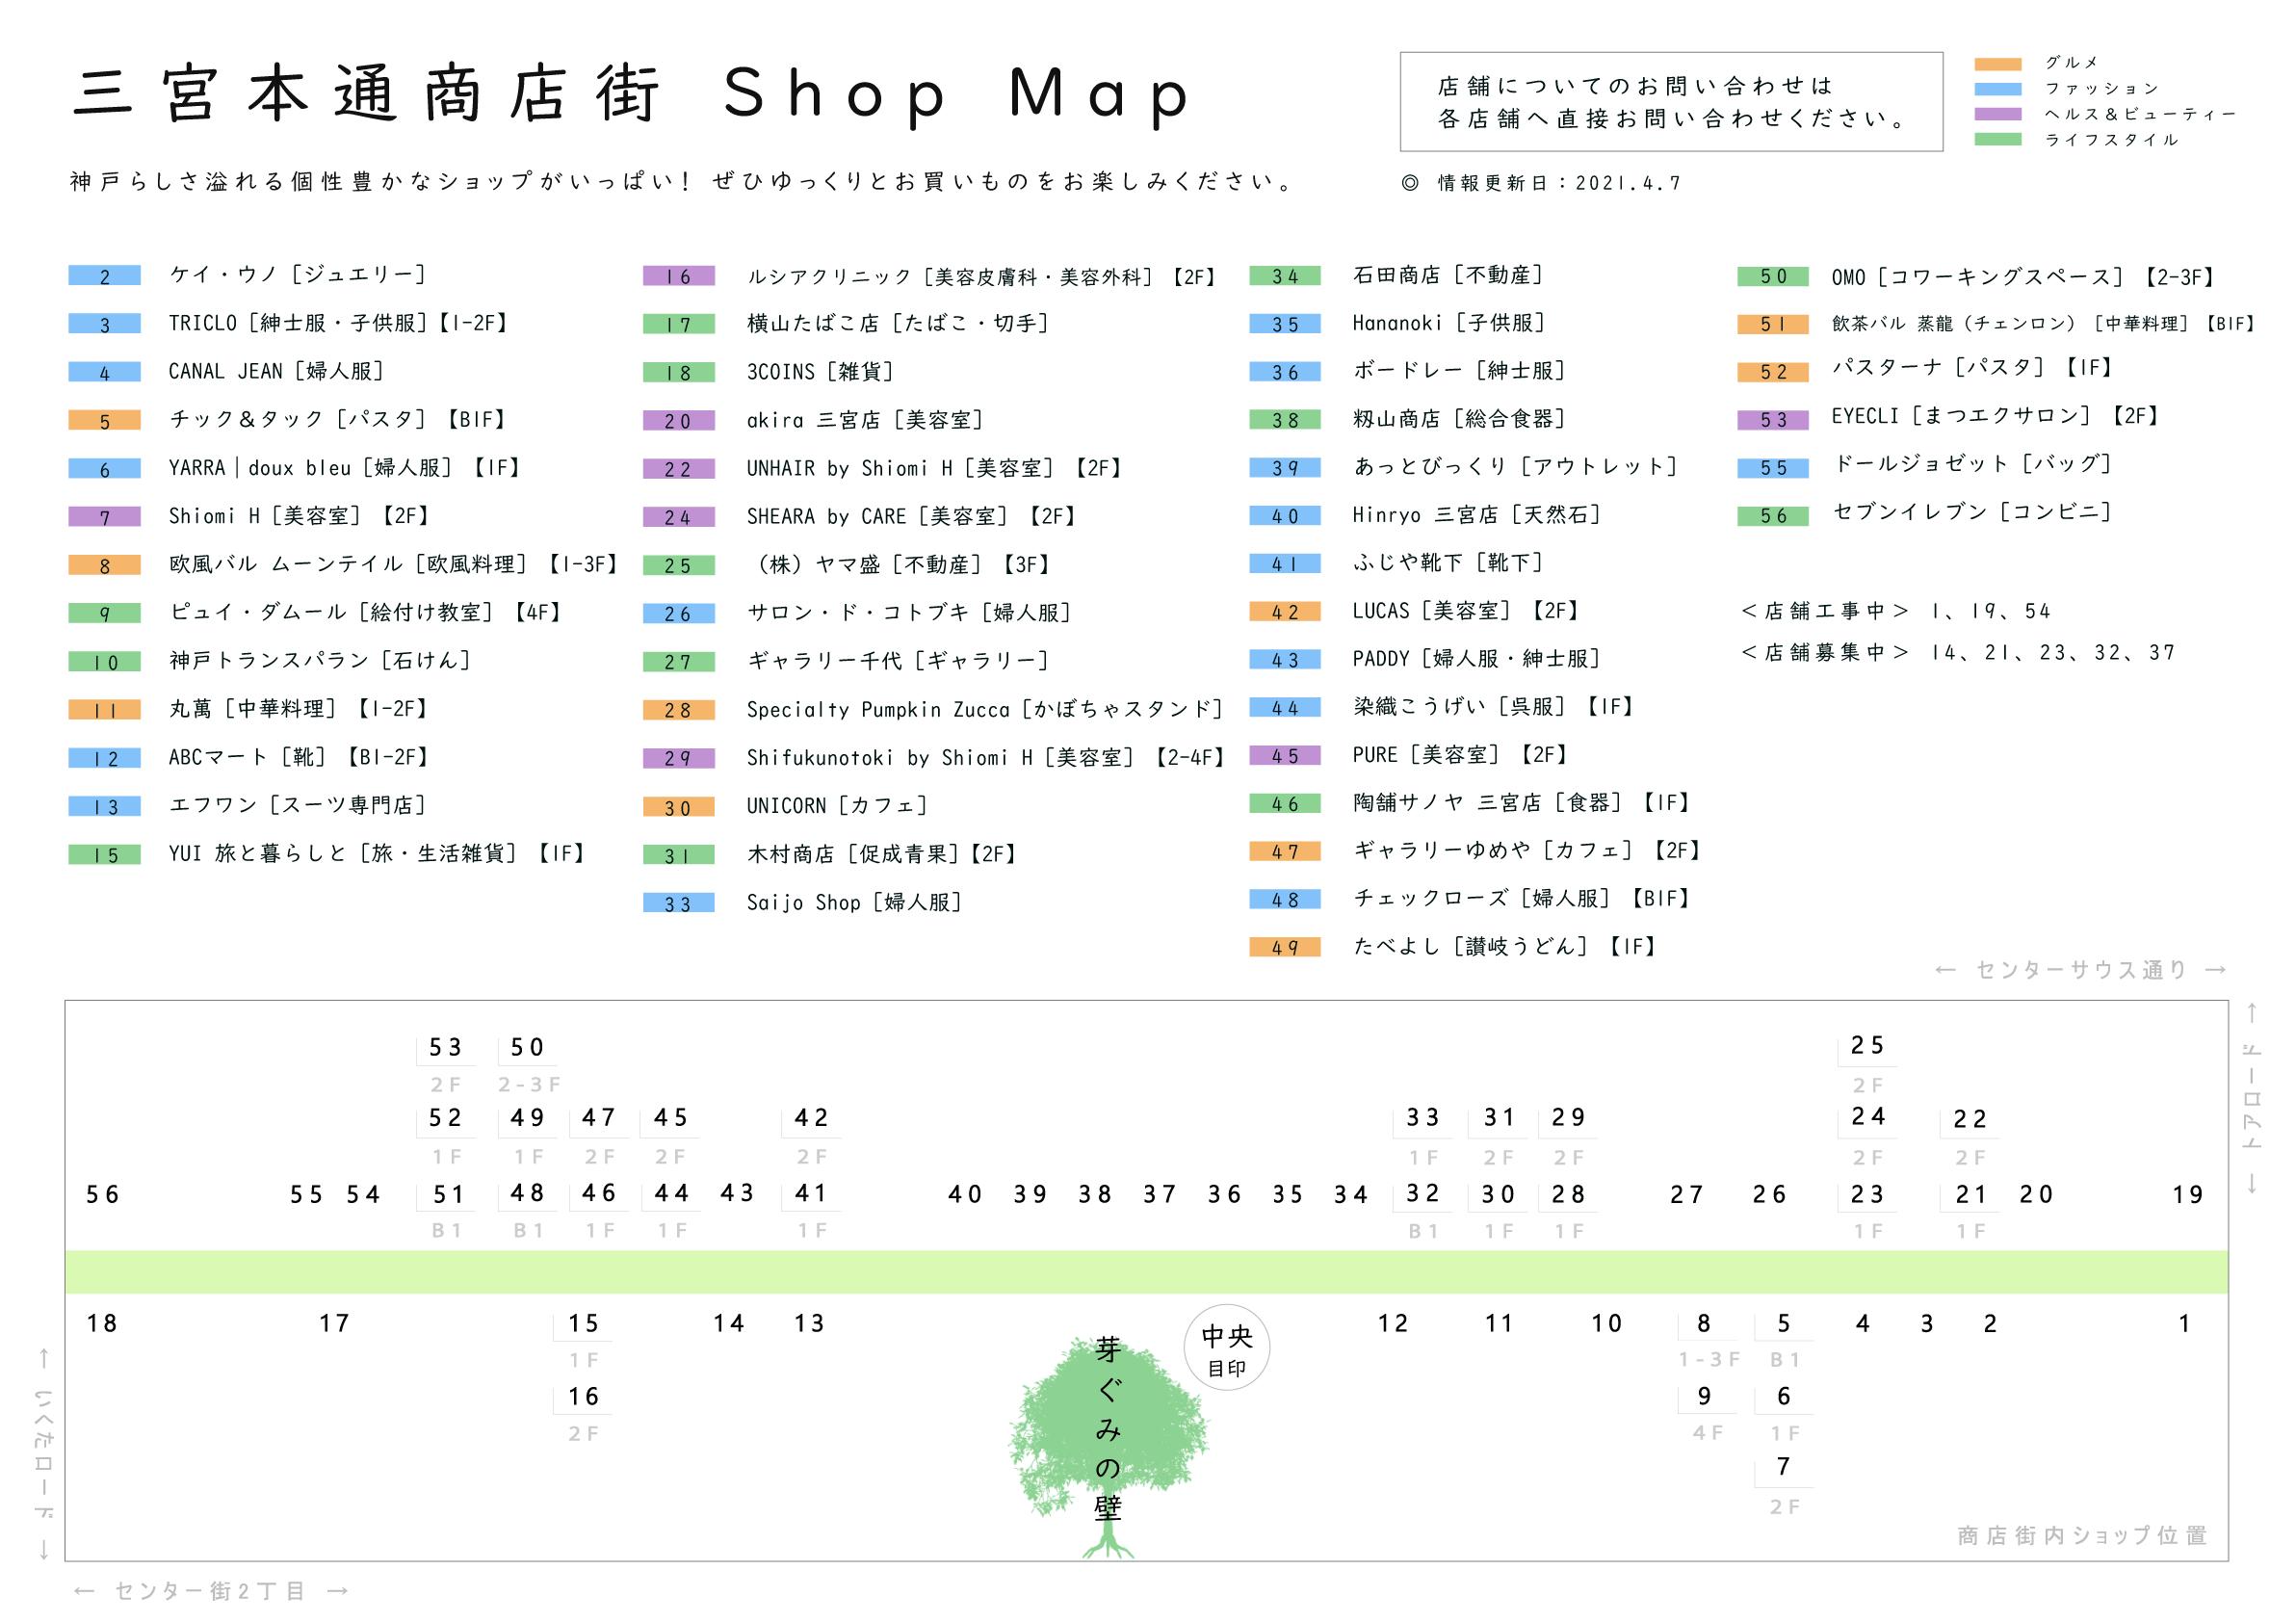 三宮本通商店街 ショップ&マップ